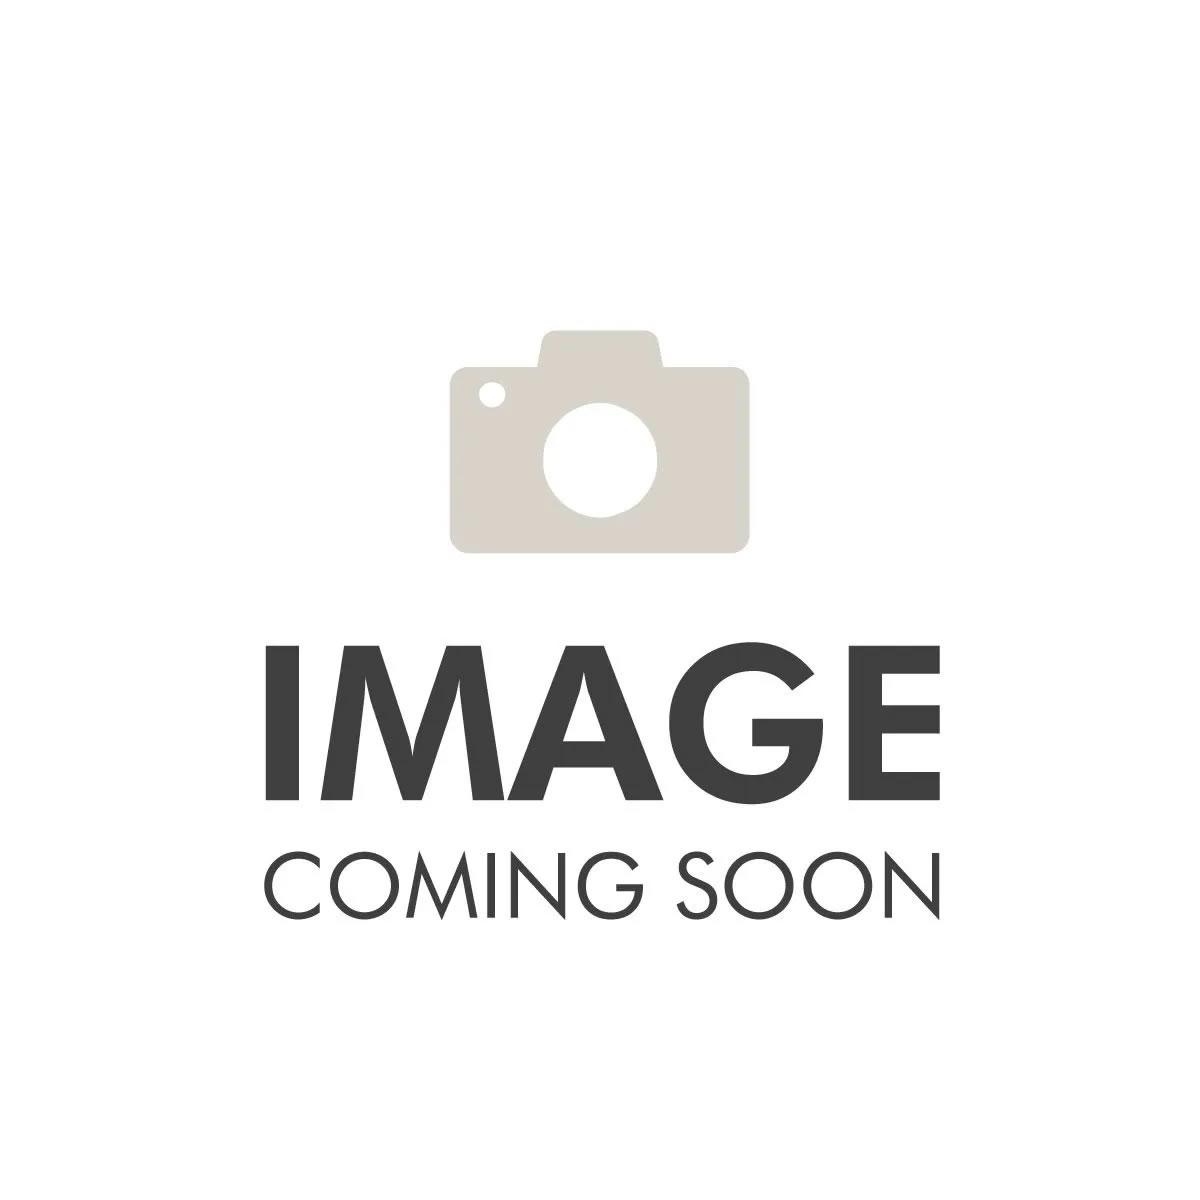 Fantastic Wiring Harness W Turn Signal 46 49 Willys Cj2A Wiring 101 Capemaxxcnl